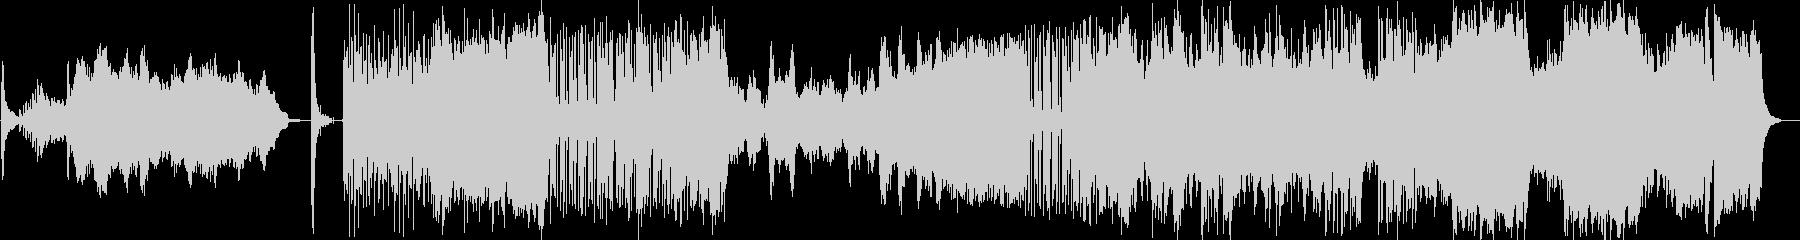 ドビュッシーのピアノ曲をオケアレンジの未再生の波形